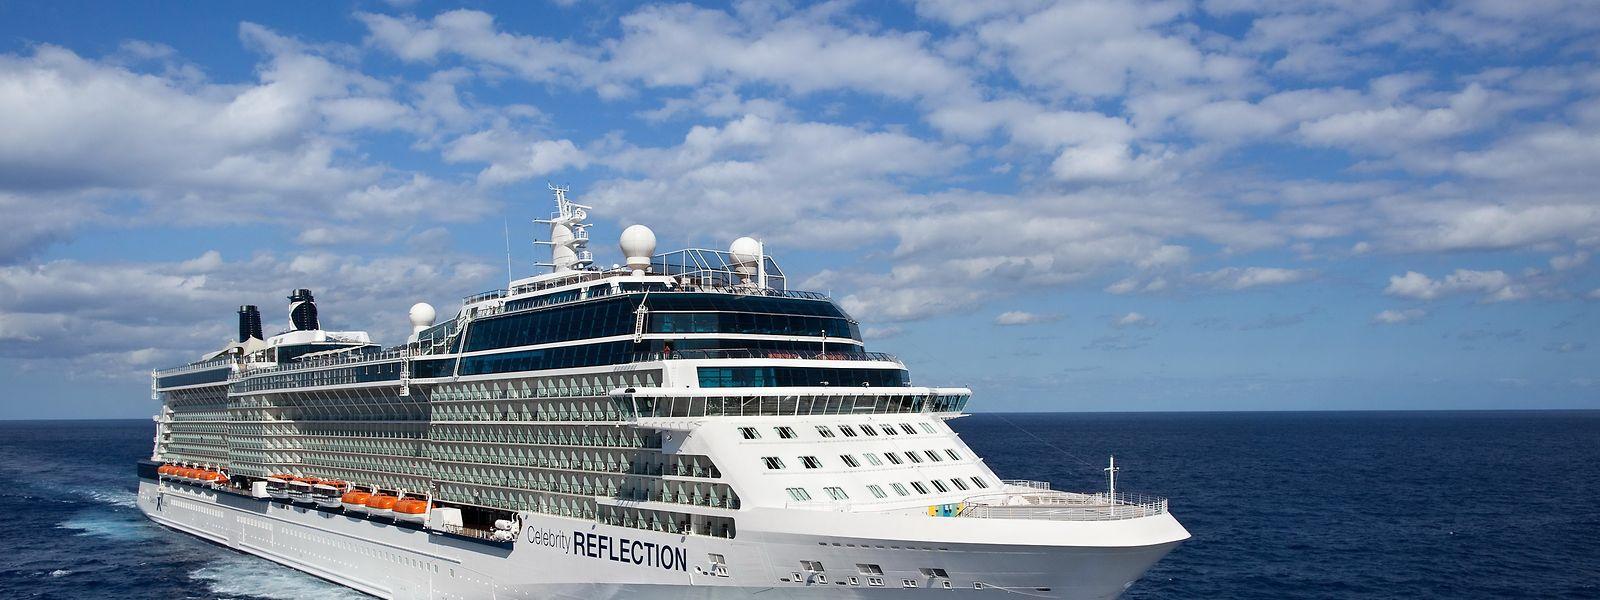 Die Celebrity Reflection ist eines der besten und luxuriösesten Großschiffe der Welt.